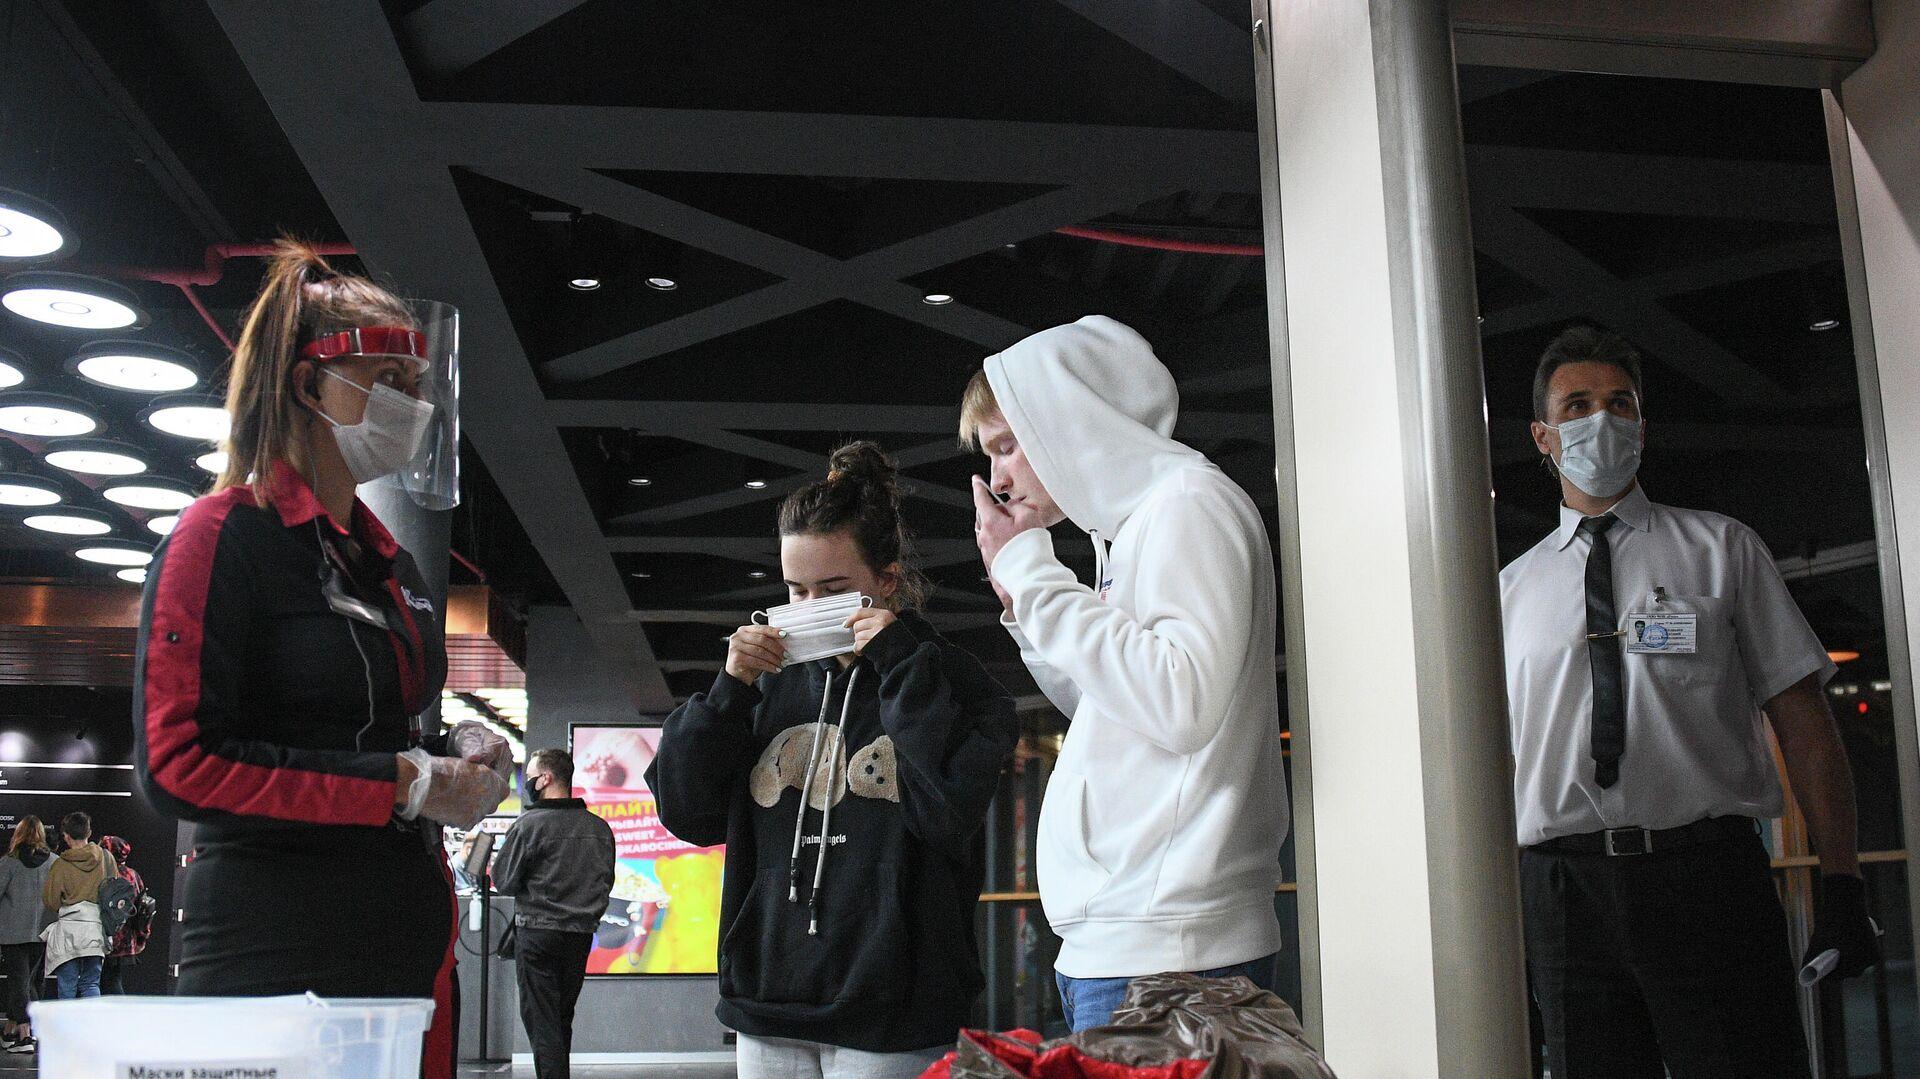 Зрители надевают защитные маски на входе в кинотеатр Каро 11 Октябрь в Москве - РИА Новости, 1920, 29.09.2020